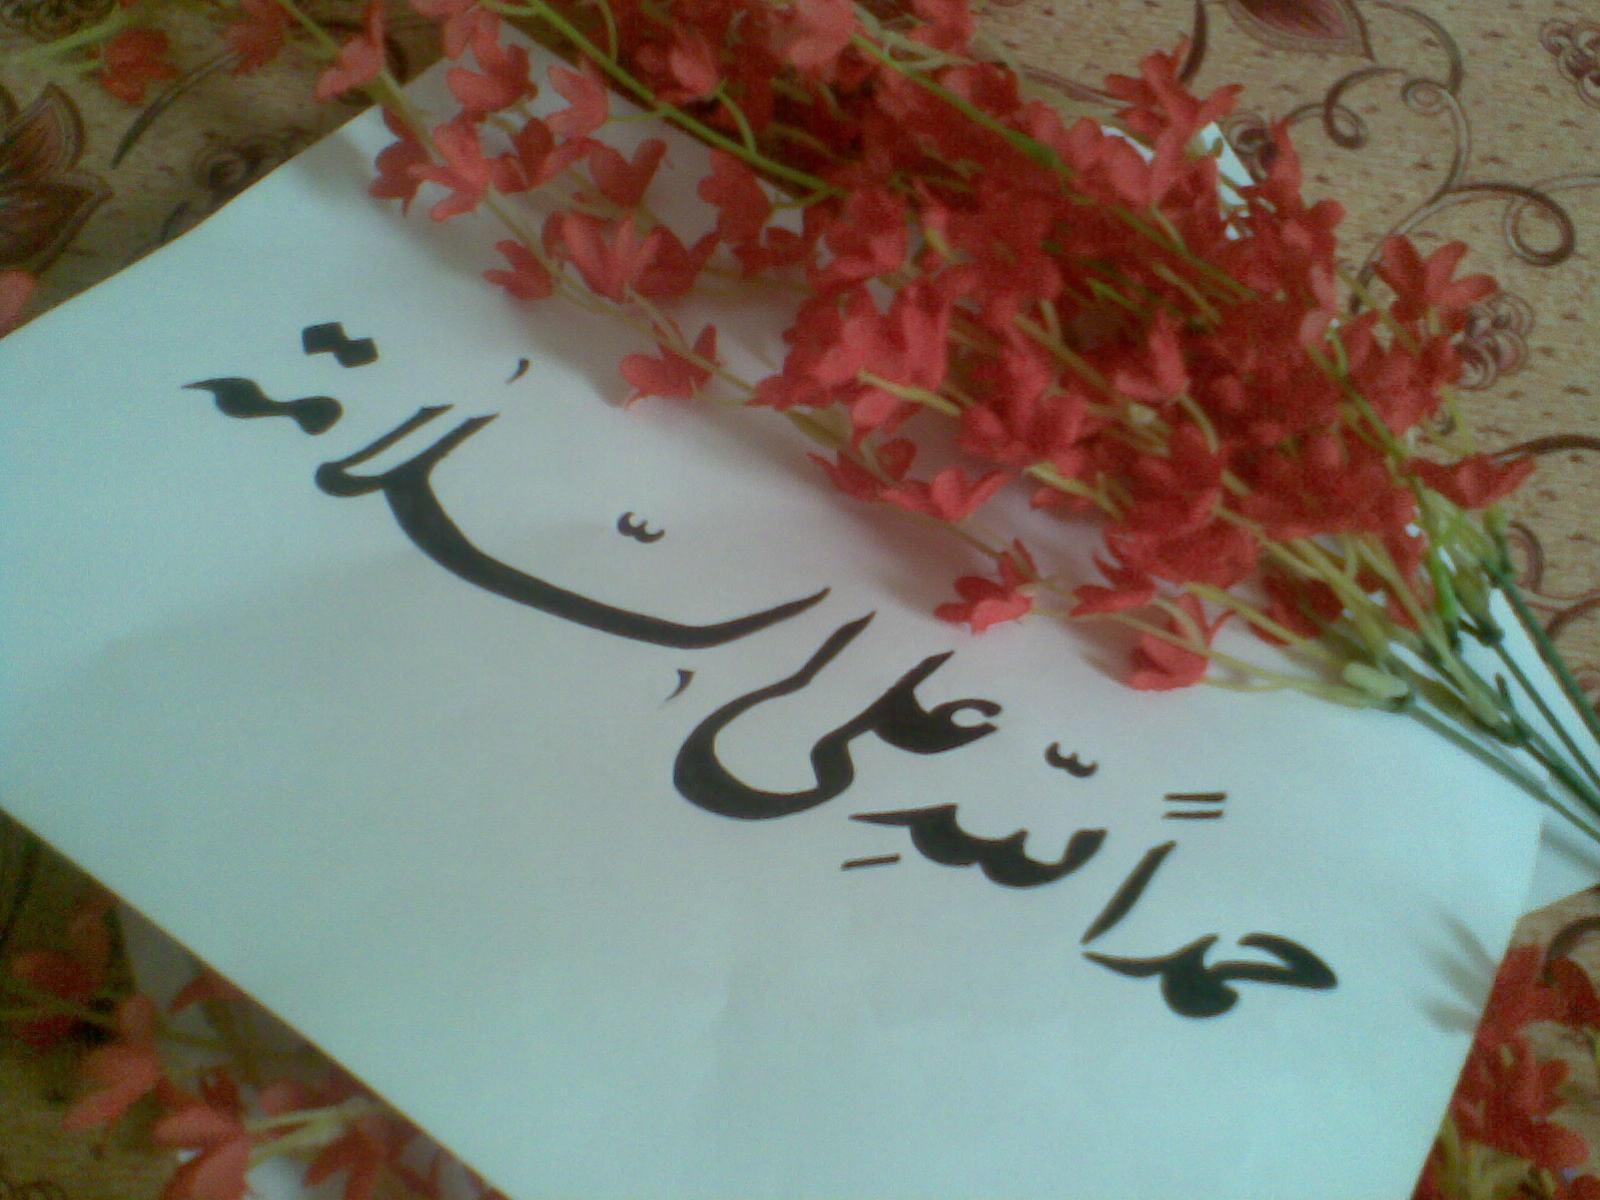 بالصور صور الحمدلله على السلامه , ابعت امنيات جميلة لكل عائد الي وطنة 74 4